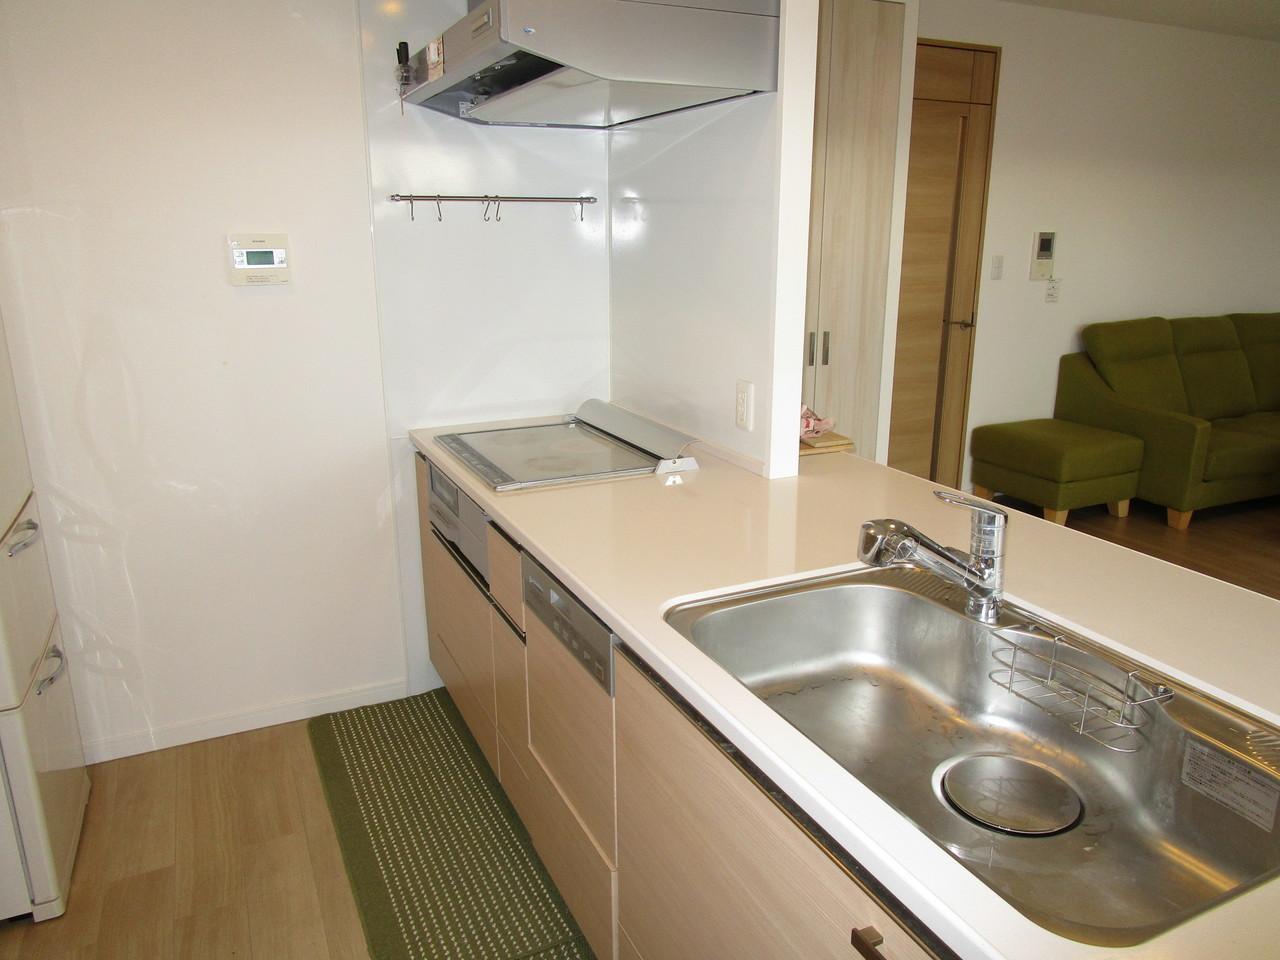 IHクッキングヒーターです。食洗機もついてます。換気扇は掃除し易い構造になってます。